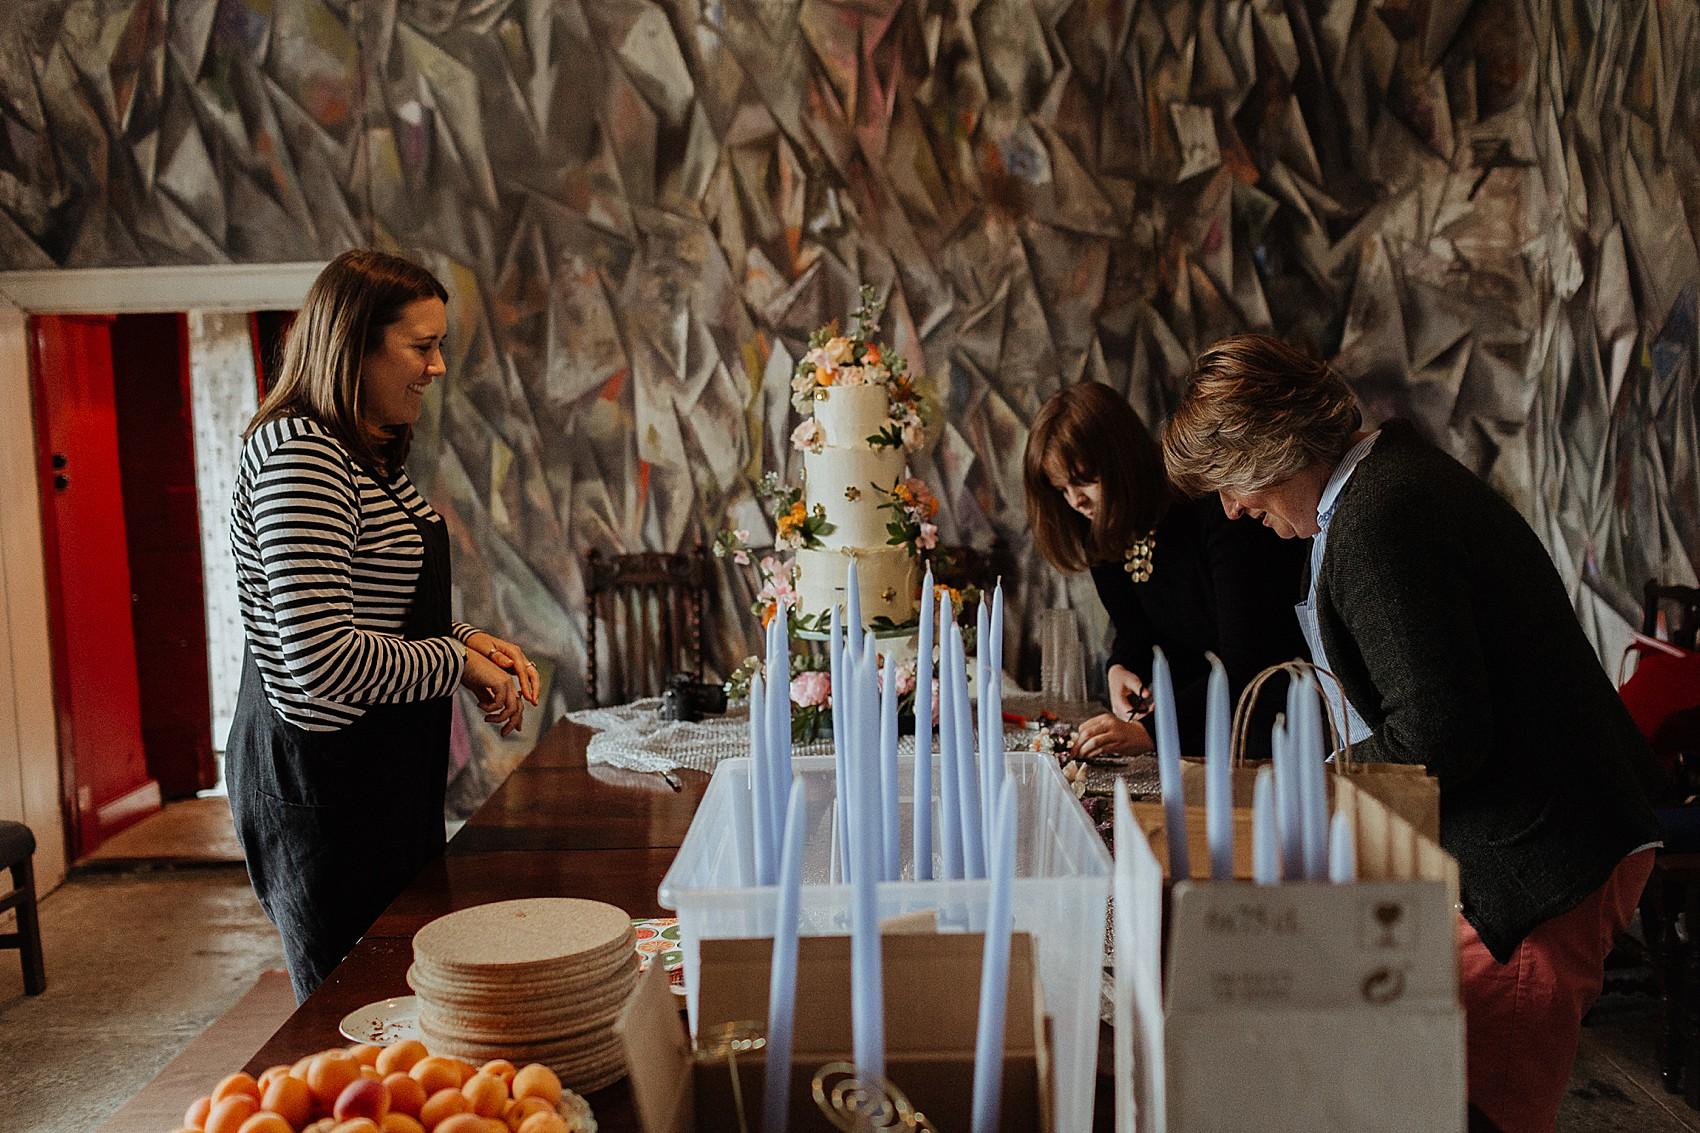 Avis Cuisine Hacker 2018 a blue dress for a wedding cake maker + her humanist